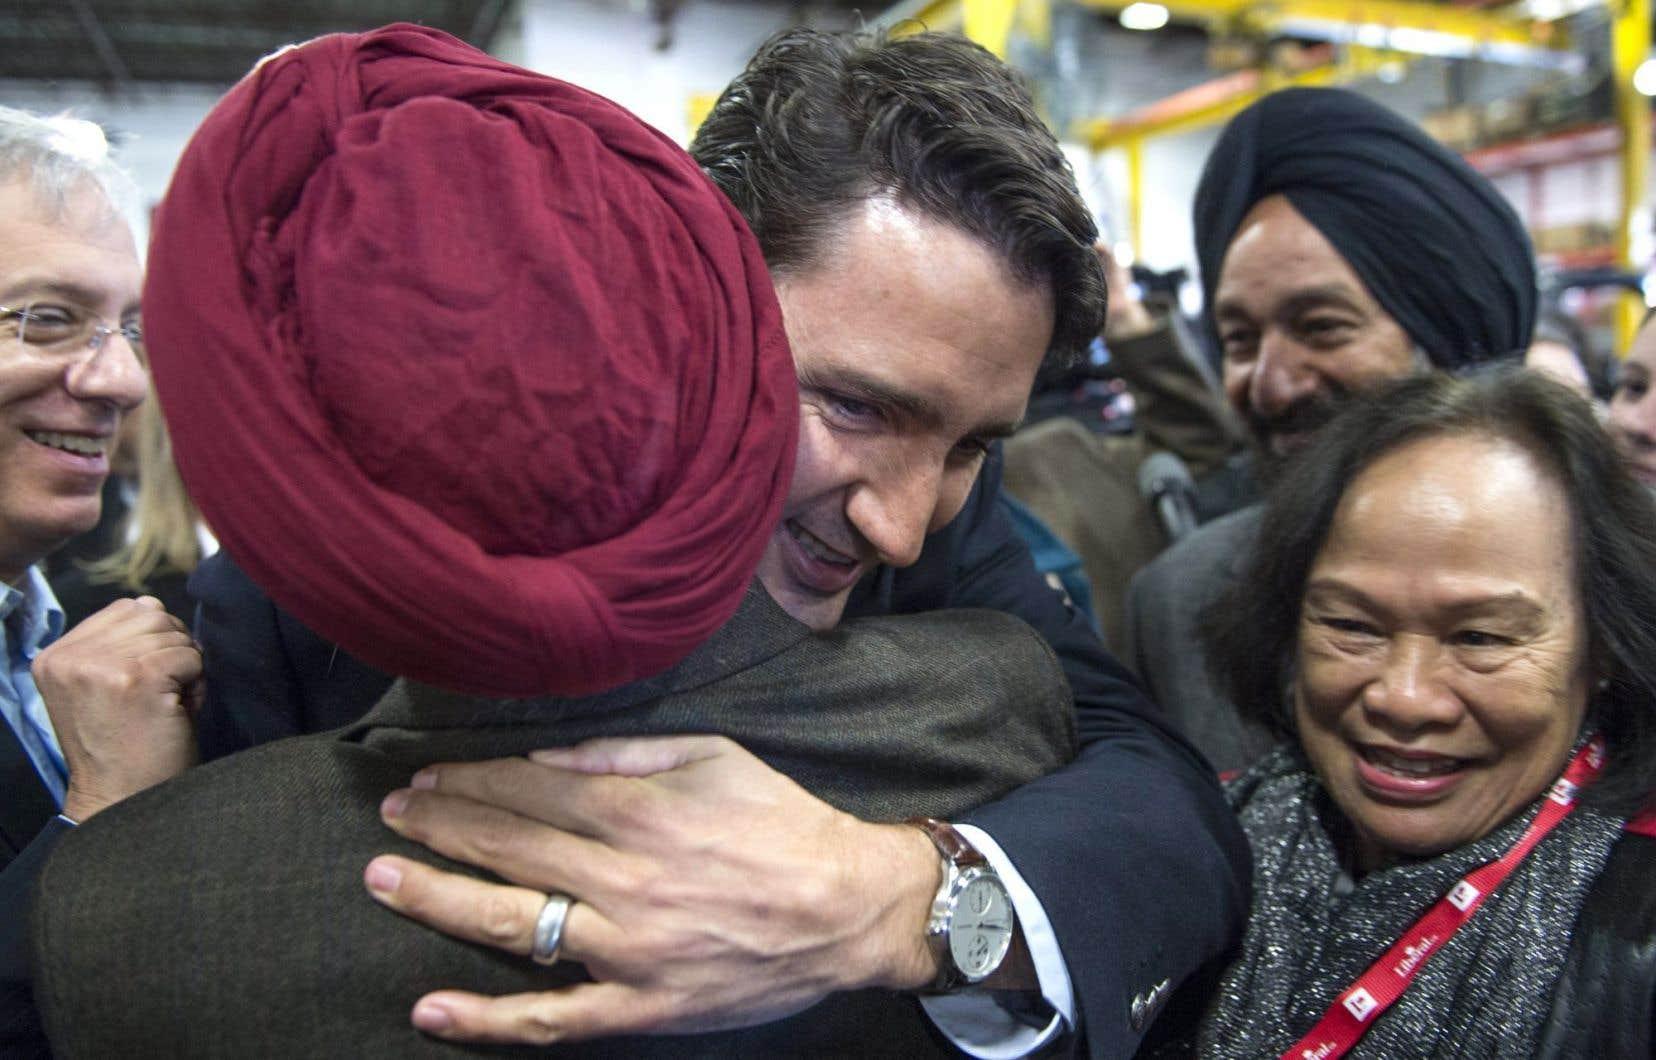 Justin Trudeau reçoit l'accolade d'un militant libéral à Montréal. Le Parti libéral domine maintenant dans les intentions de vote des Canadiens.